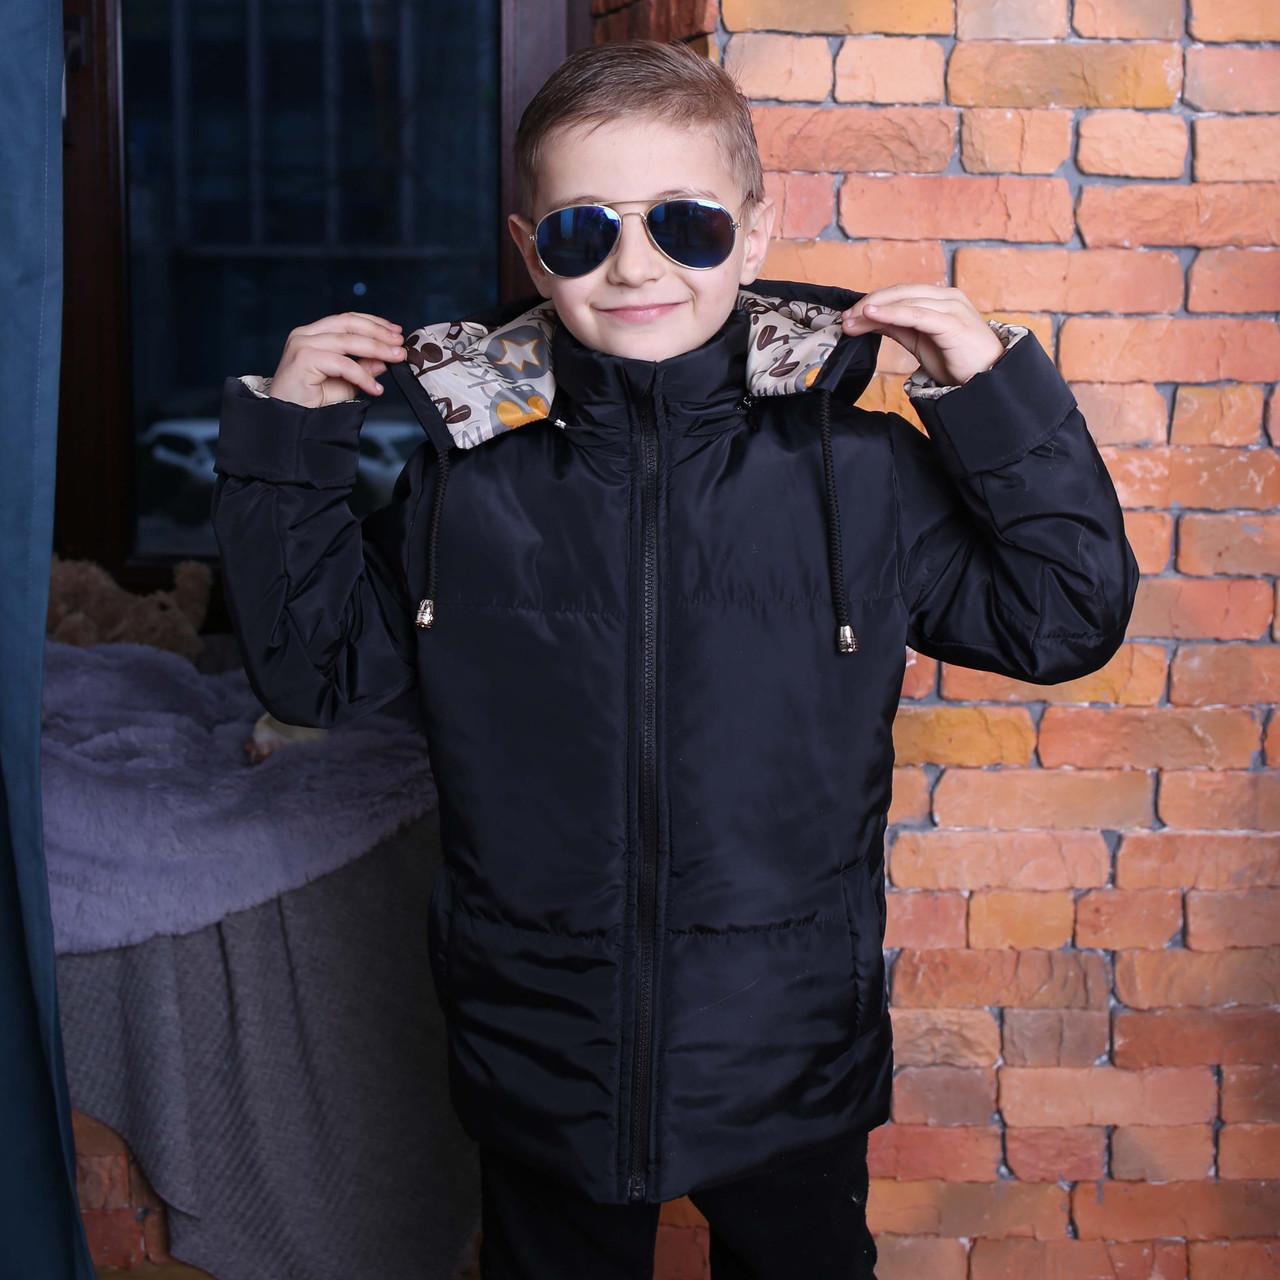 Куртка для мальчика с капюшоном Куртка на мальчика Новинка 2019-2020 Топ продаж